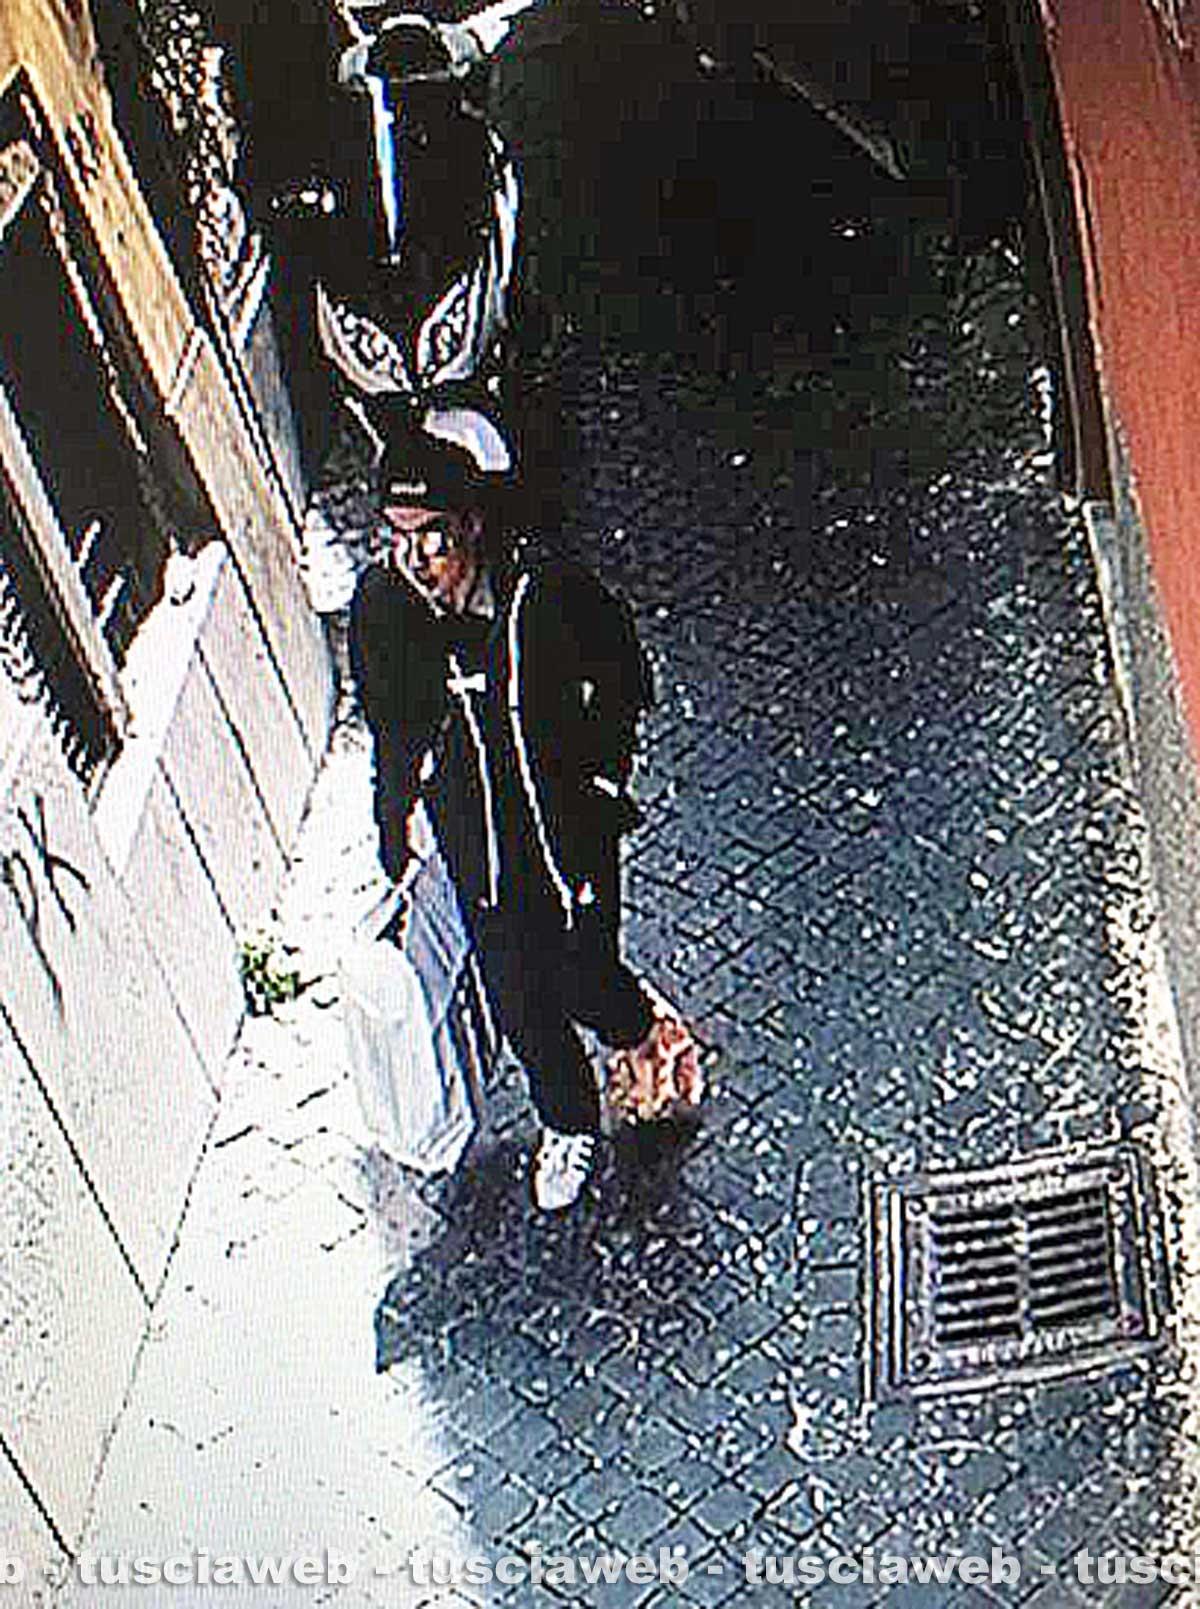 Omicidio Fedeli - Il presunto killer dopo il delitto